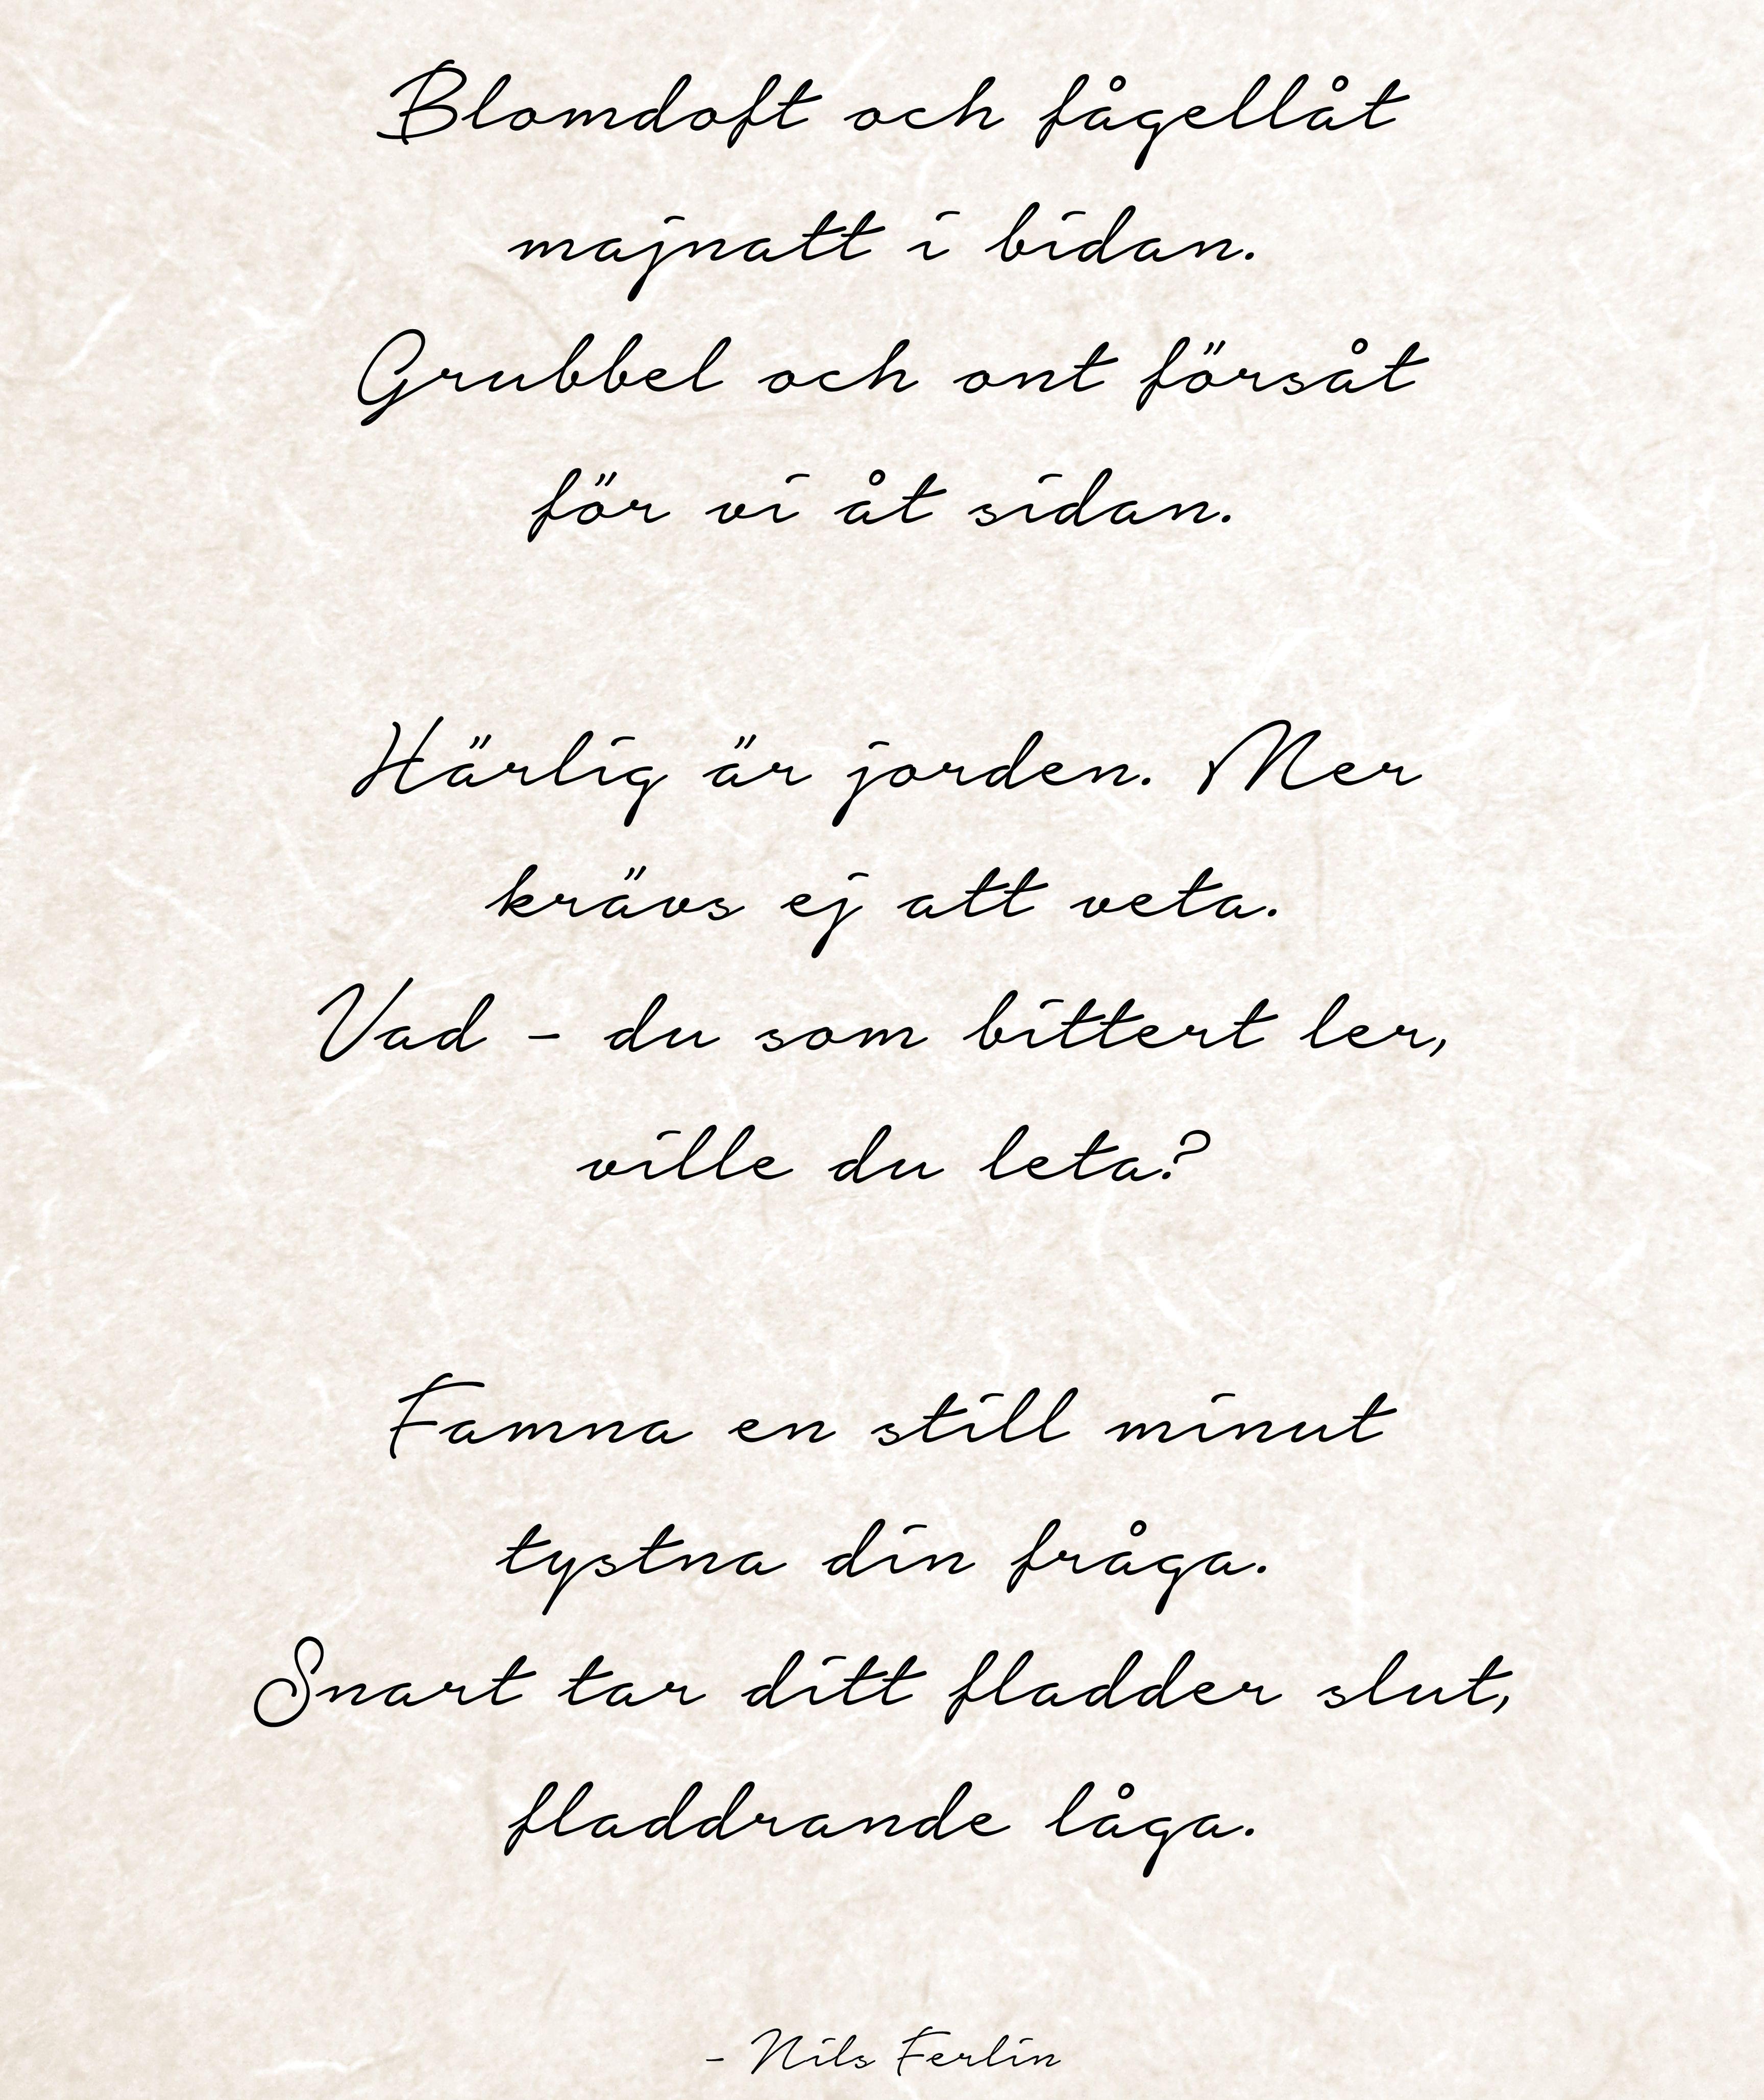 Tystna Din Fraga Nils Ferlin Vackra Ord Ord Texter